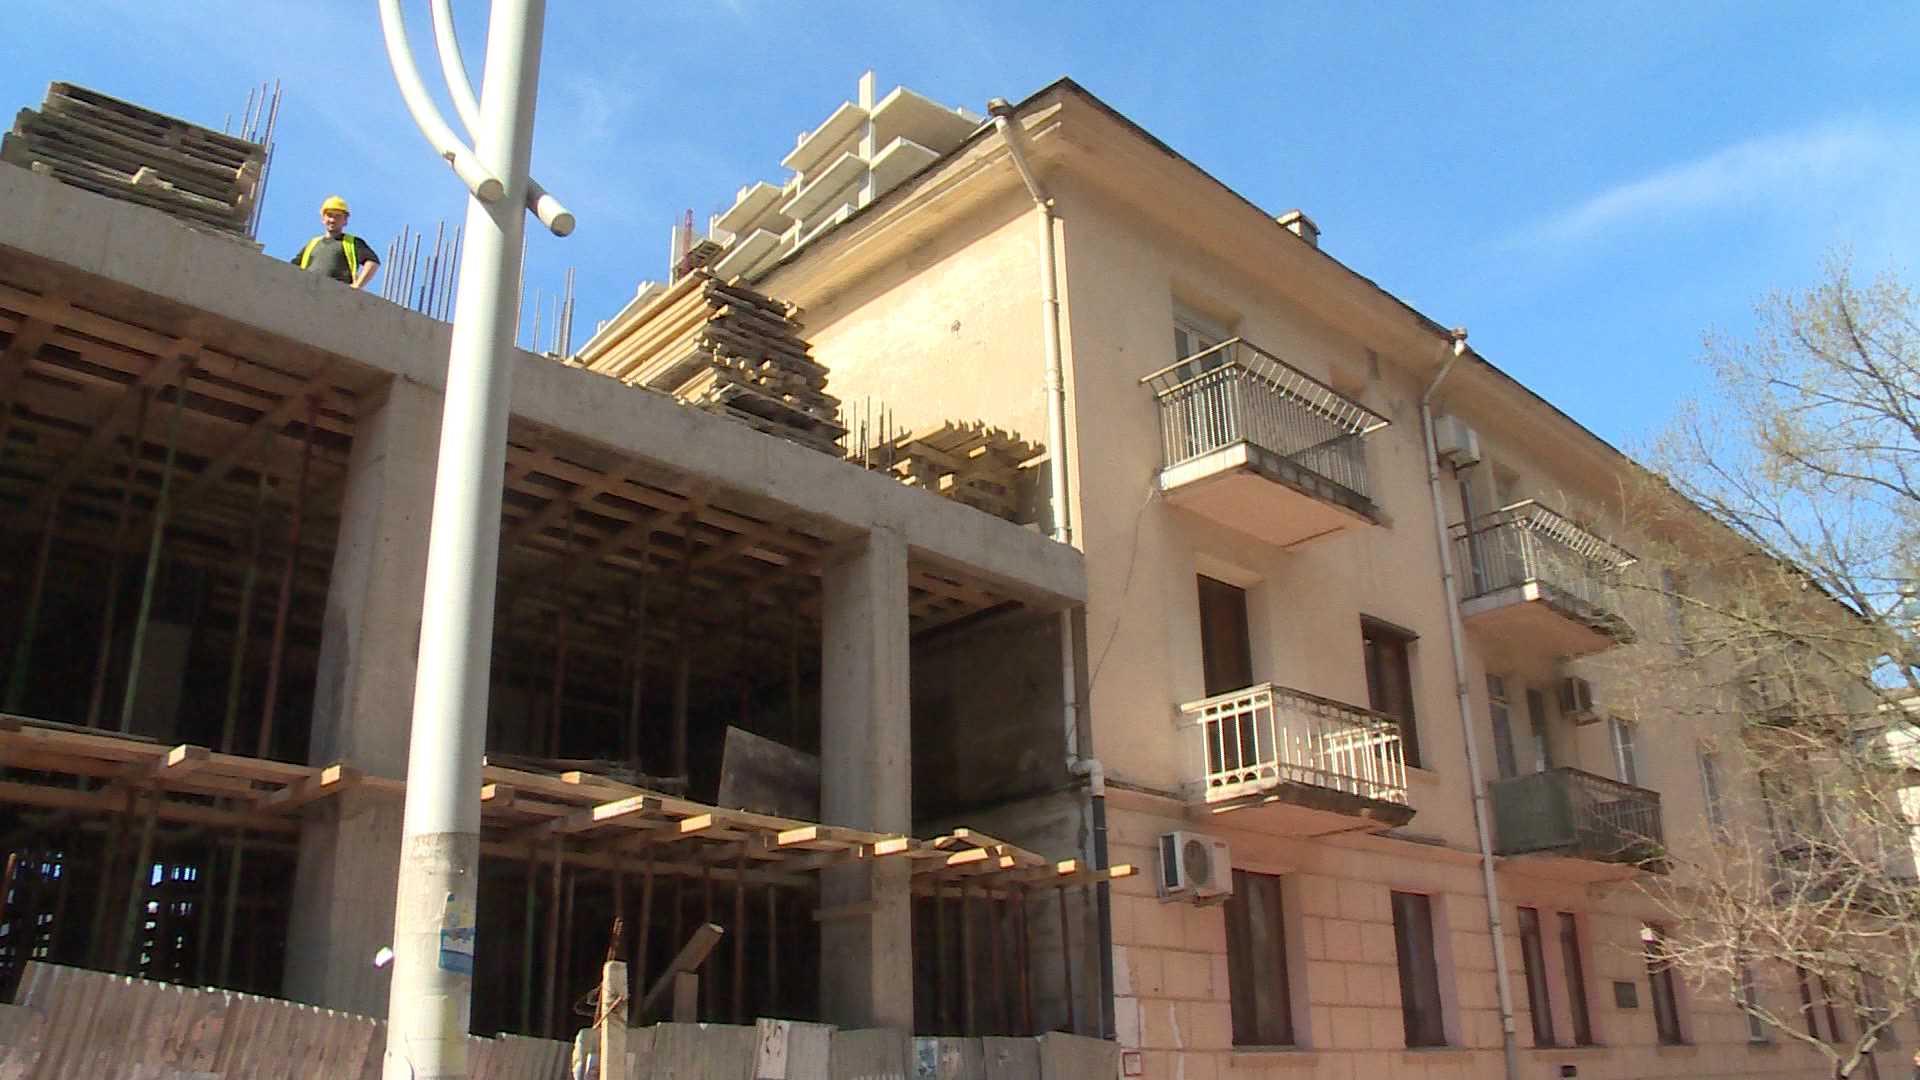 უმაღლესი საბჭოს წევრის ბიზნესი - მოსახლეობა ახალ მშენებლობას აპროტესტებს